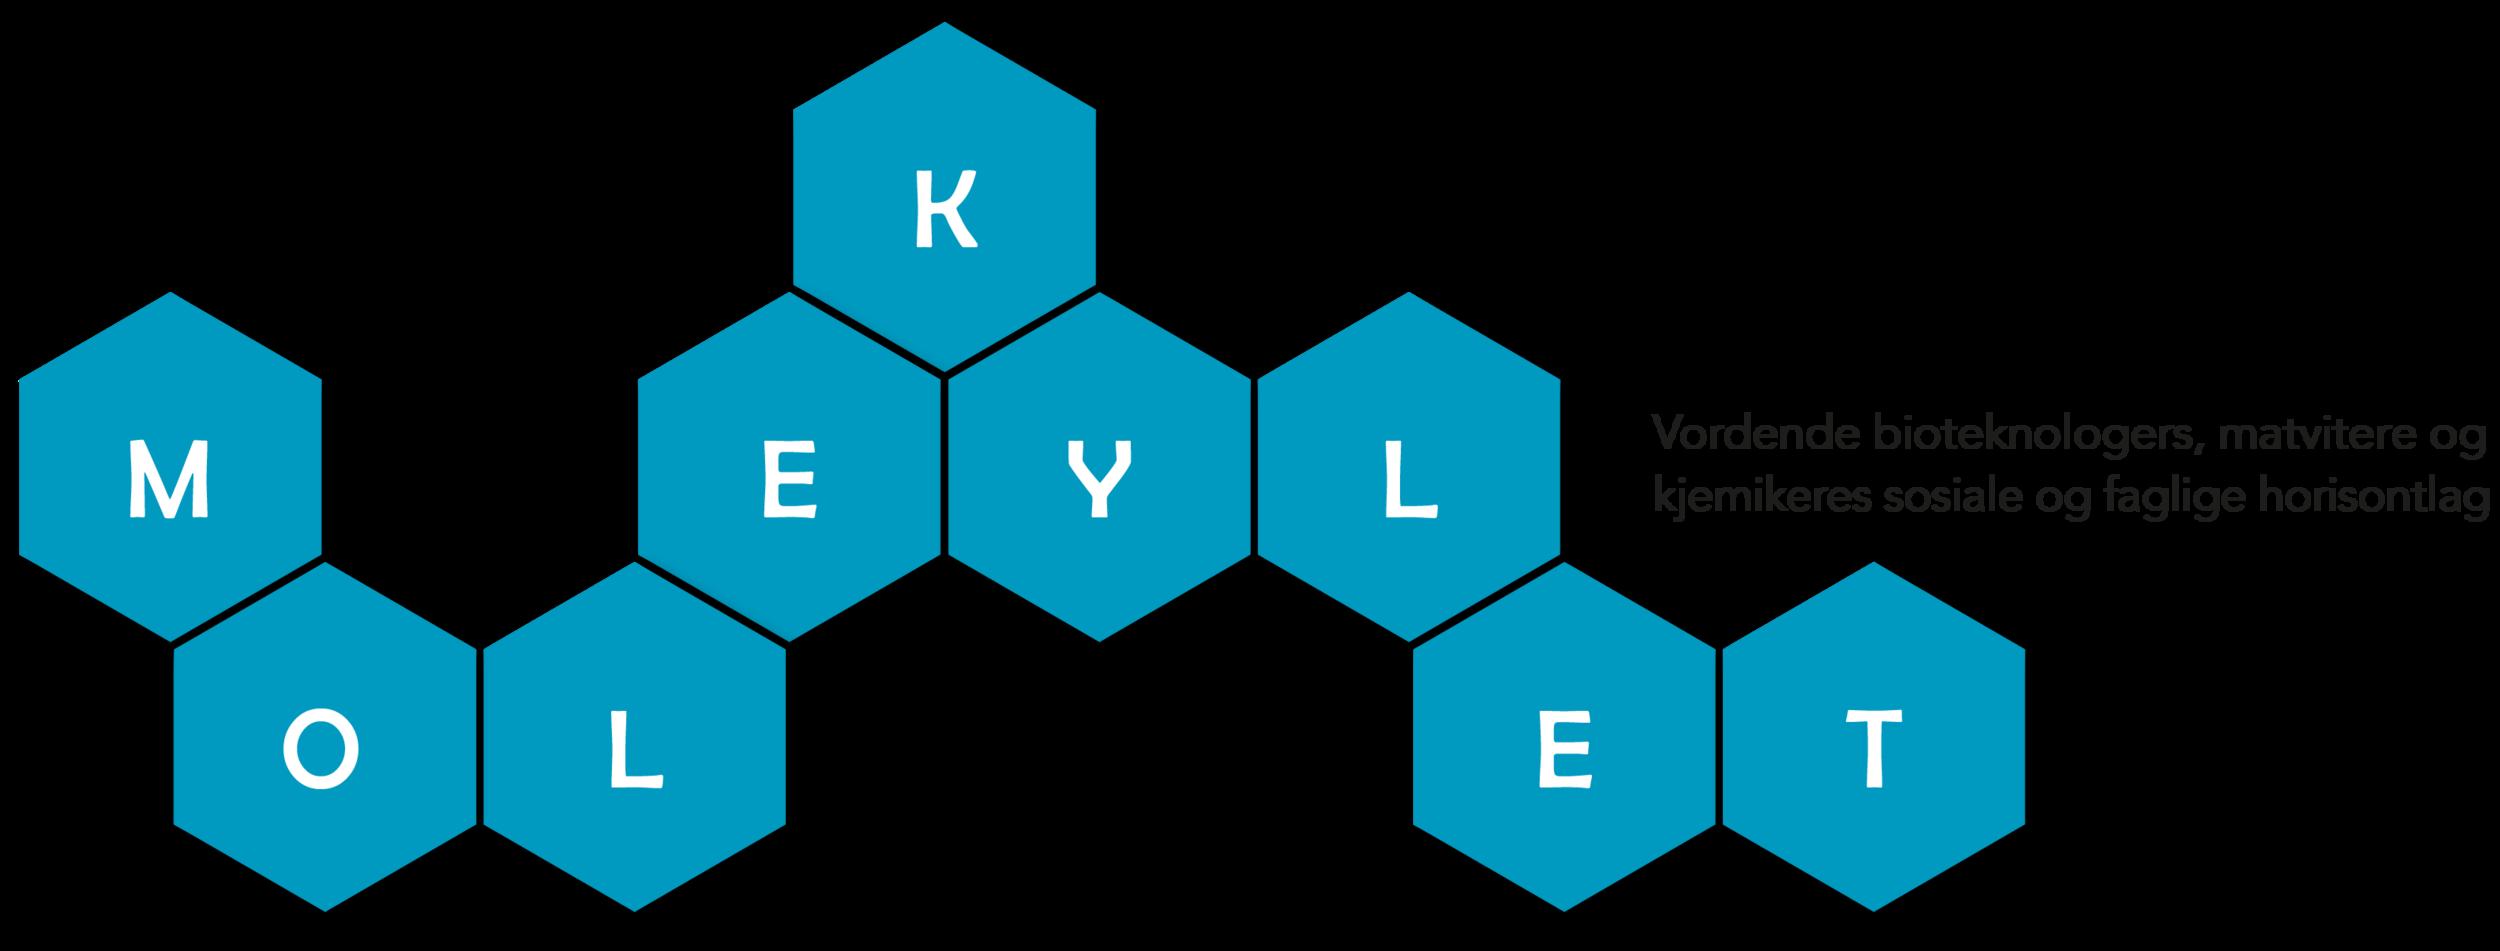 Molekylet - Molekylet er et faglag for alle vordende bioteknologer, matvitere og kjemikere. Vi ønsker å gi studentene en bedre forståelse av hva det vil si å studere her på Ås, og hva slags fremtid vi kan se frem til etter endt utdanning. Vi skal ikke bare arrangere foredrag og bedriftsbesøk, men også fester av forskjellig slag.Kontaktinformasjon:Web: molekylet.com Mail: molekylet@nmbu.no